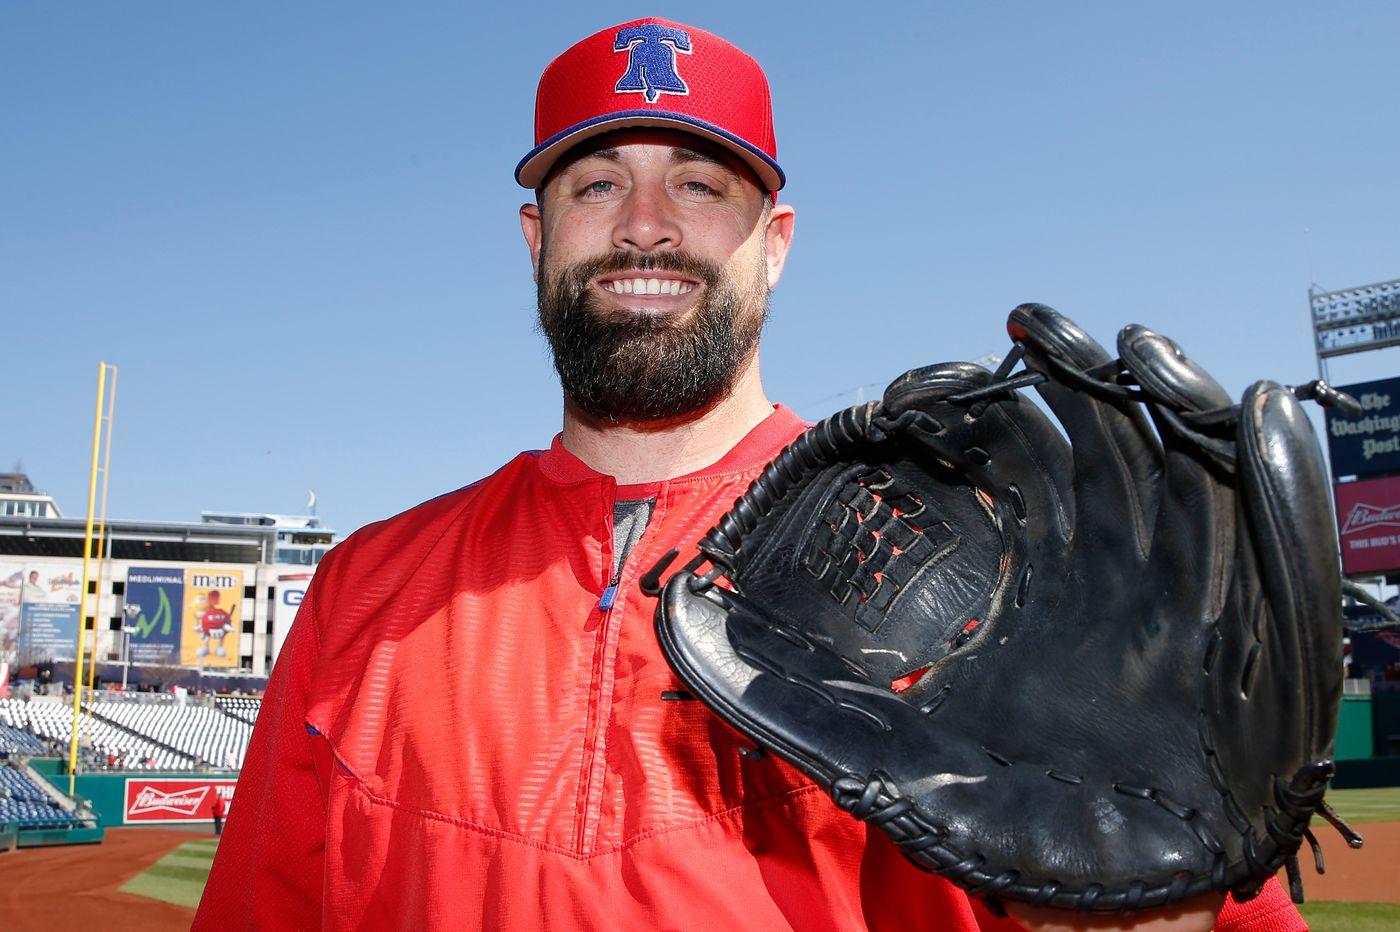 Phillies reliever Pat Neshek has an 18-year-old glove and a fresh outlook | Matt Breen